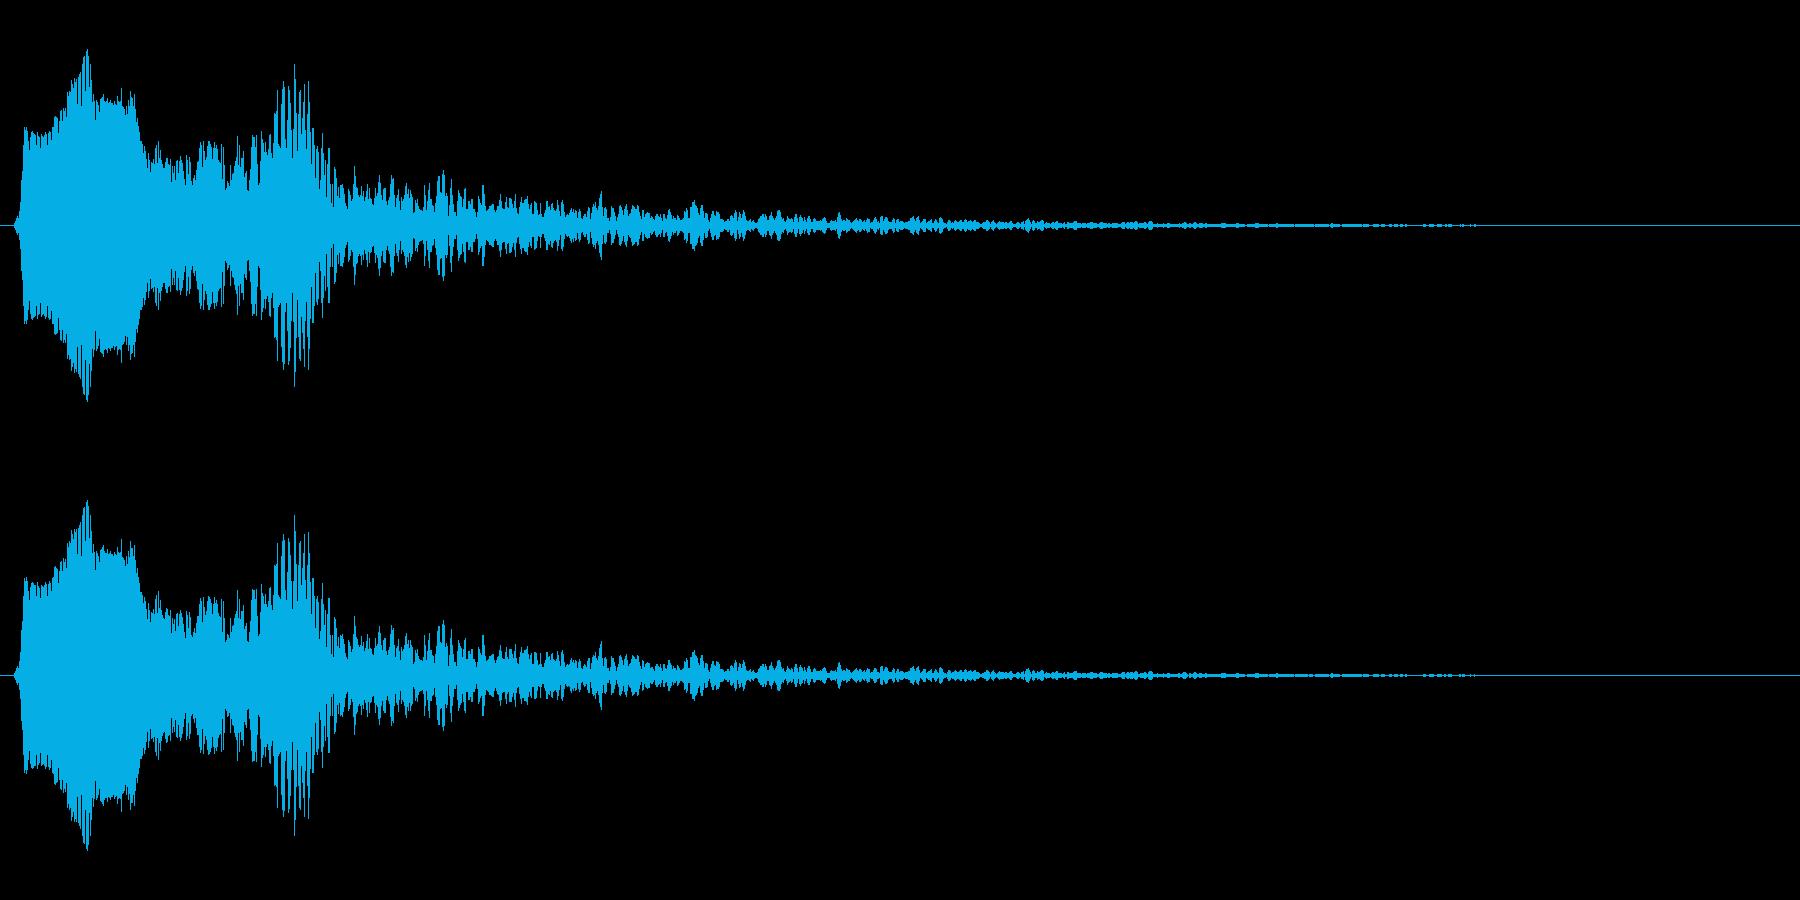 ワーオ2【セクシー、ギャグ】の再生済みの波形